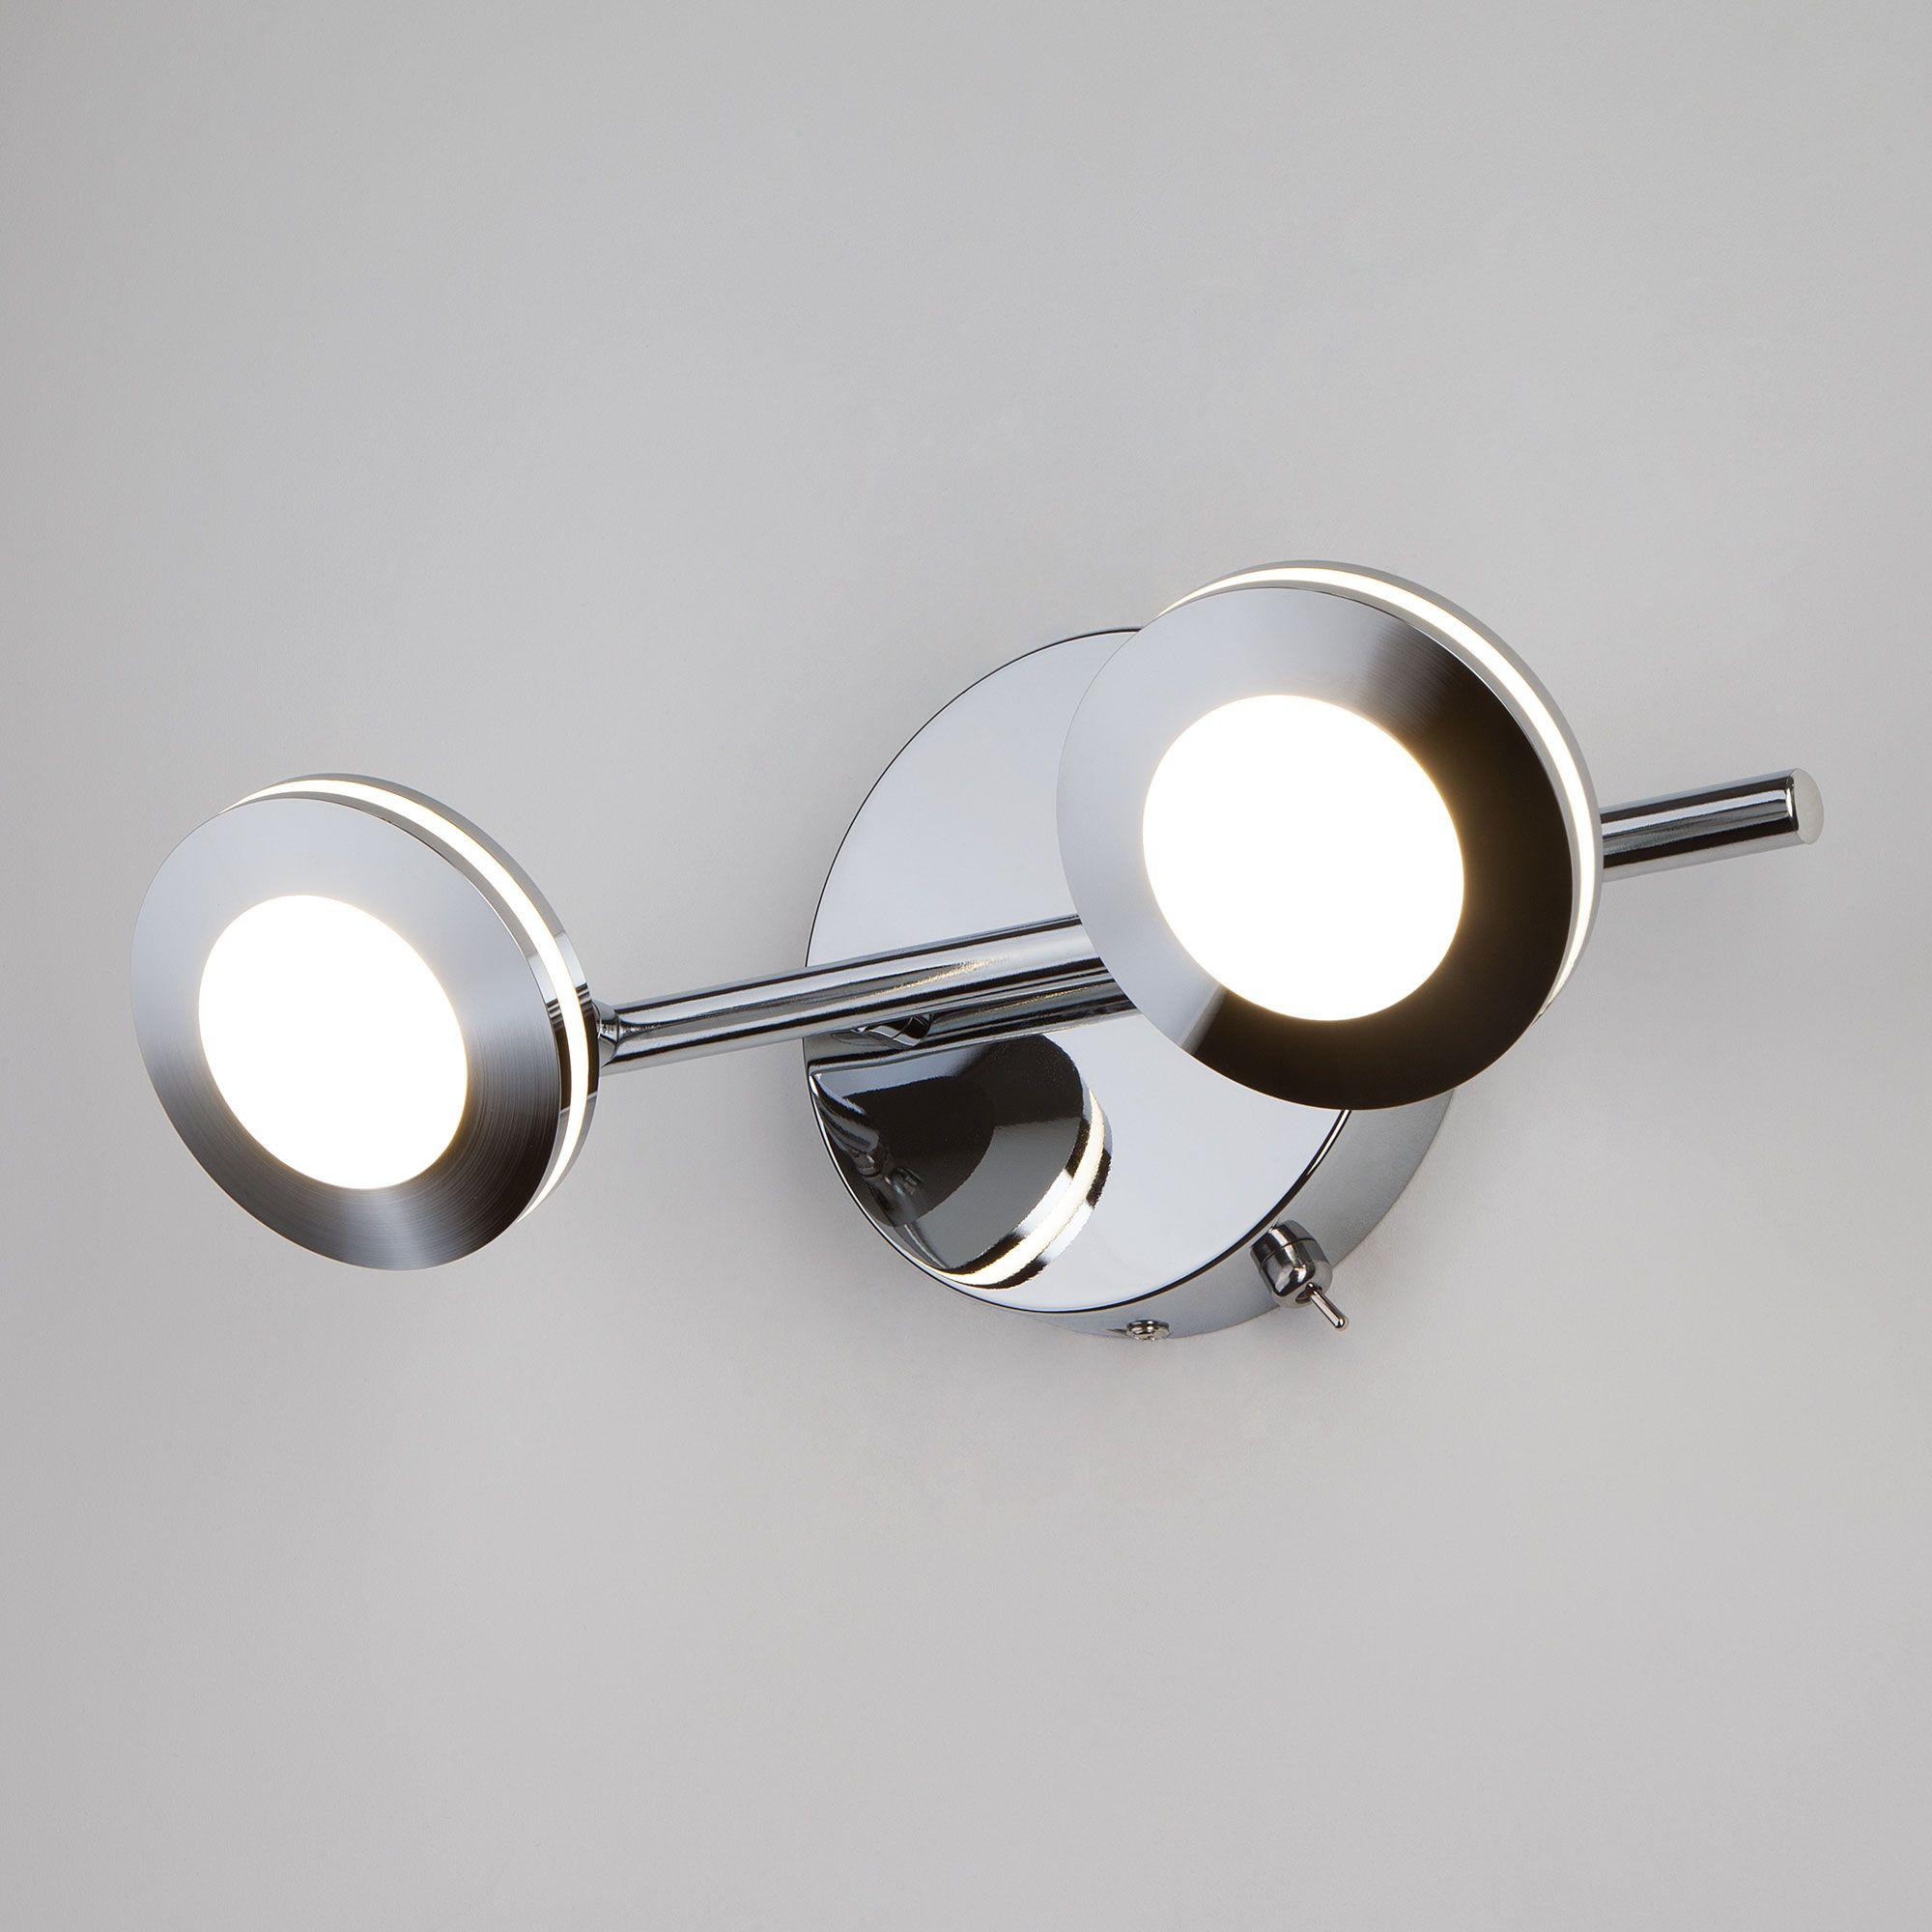 Светодиодный настенный светильник с поворотными плафонами 20002/2 хром